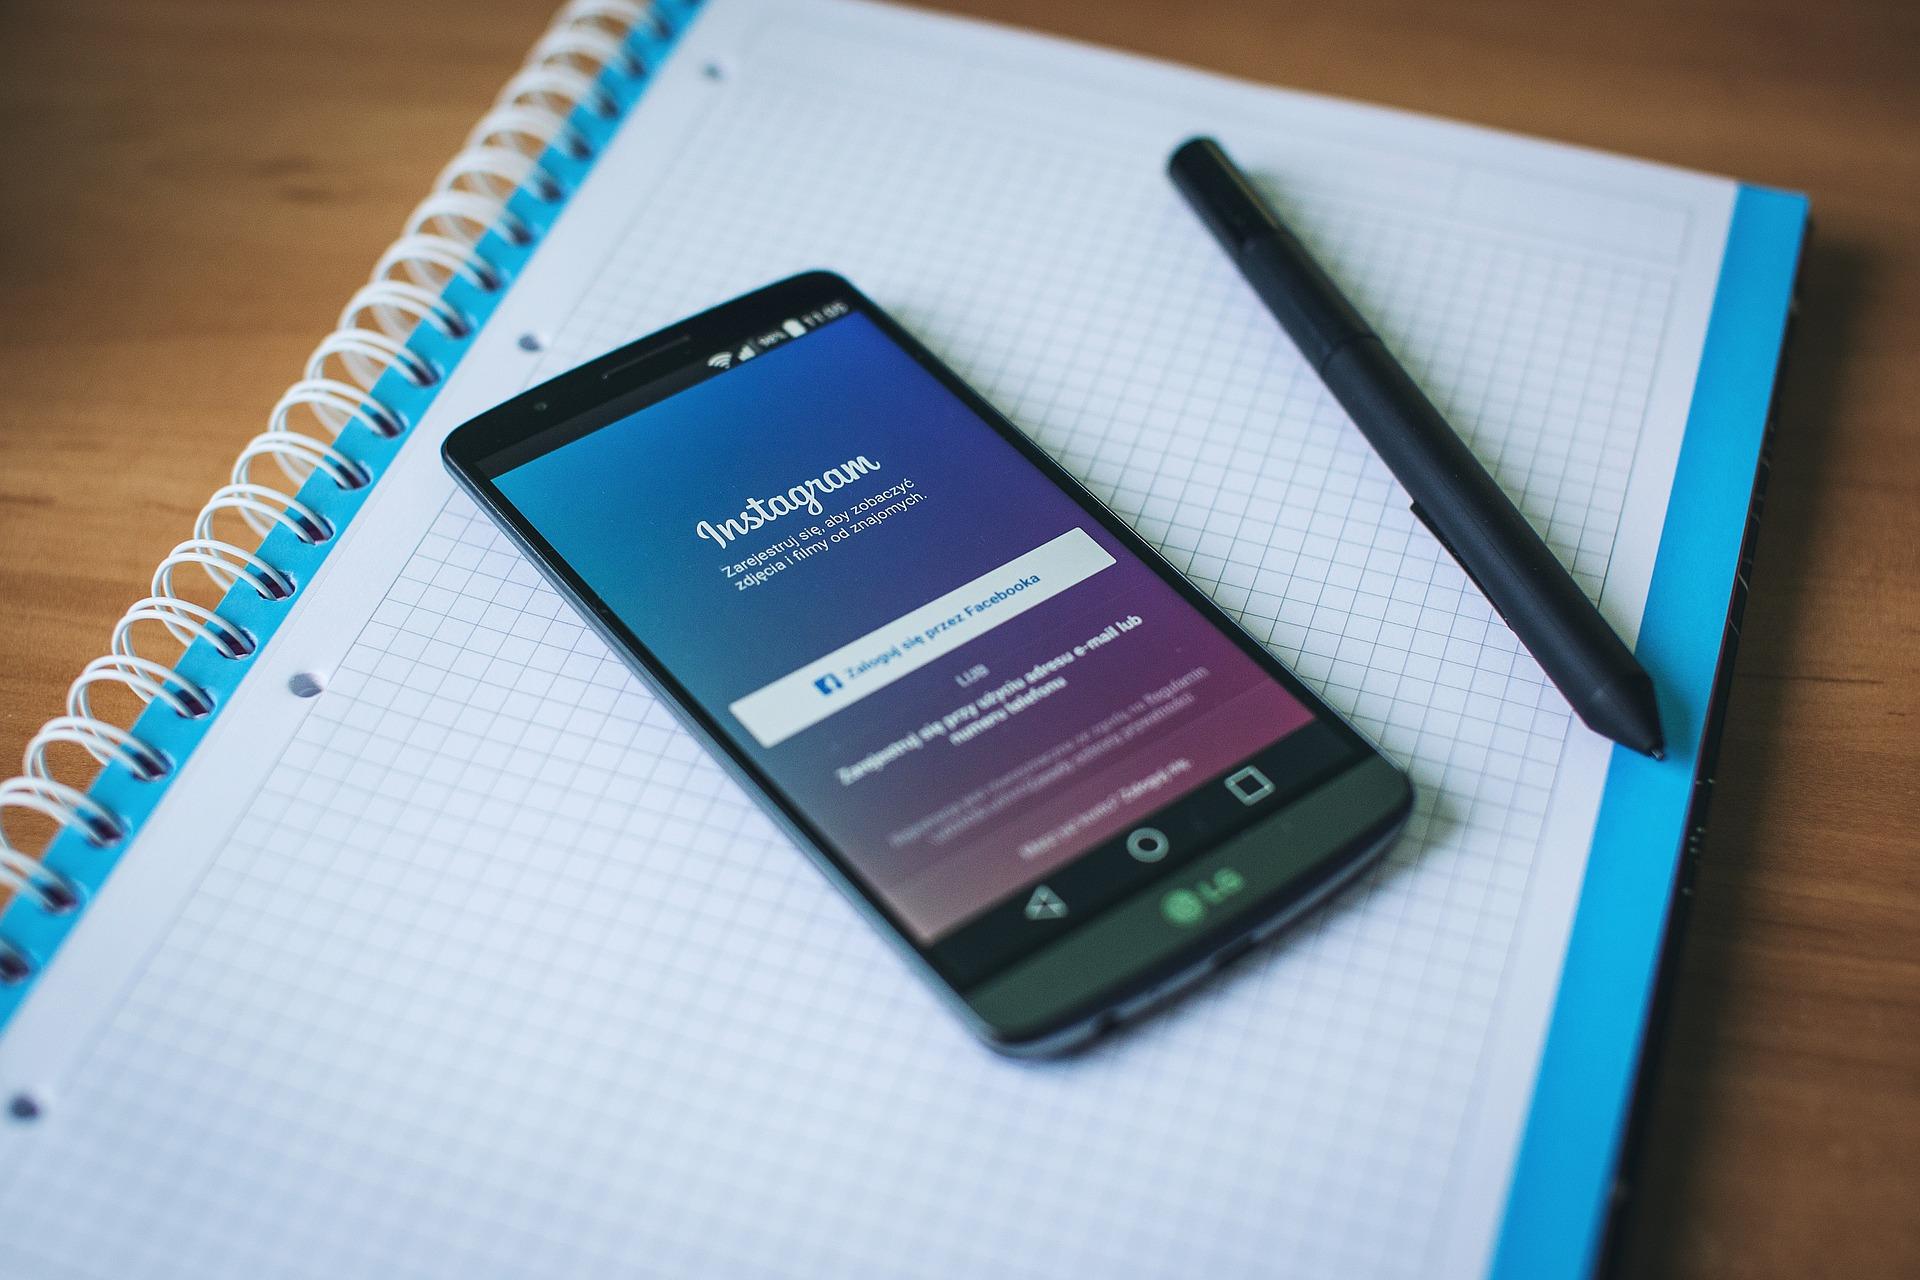 Temps passé sur Instagram : comment le connaître